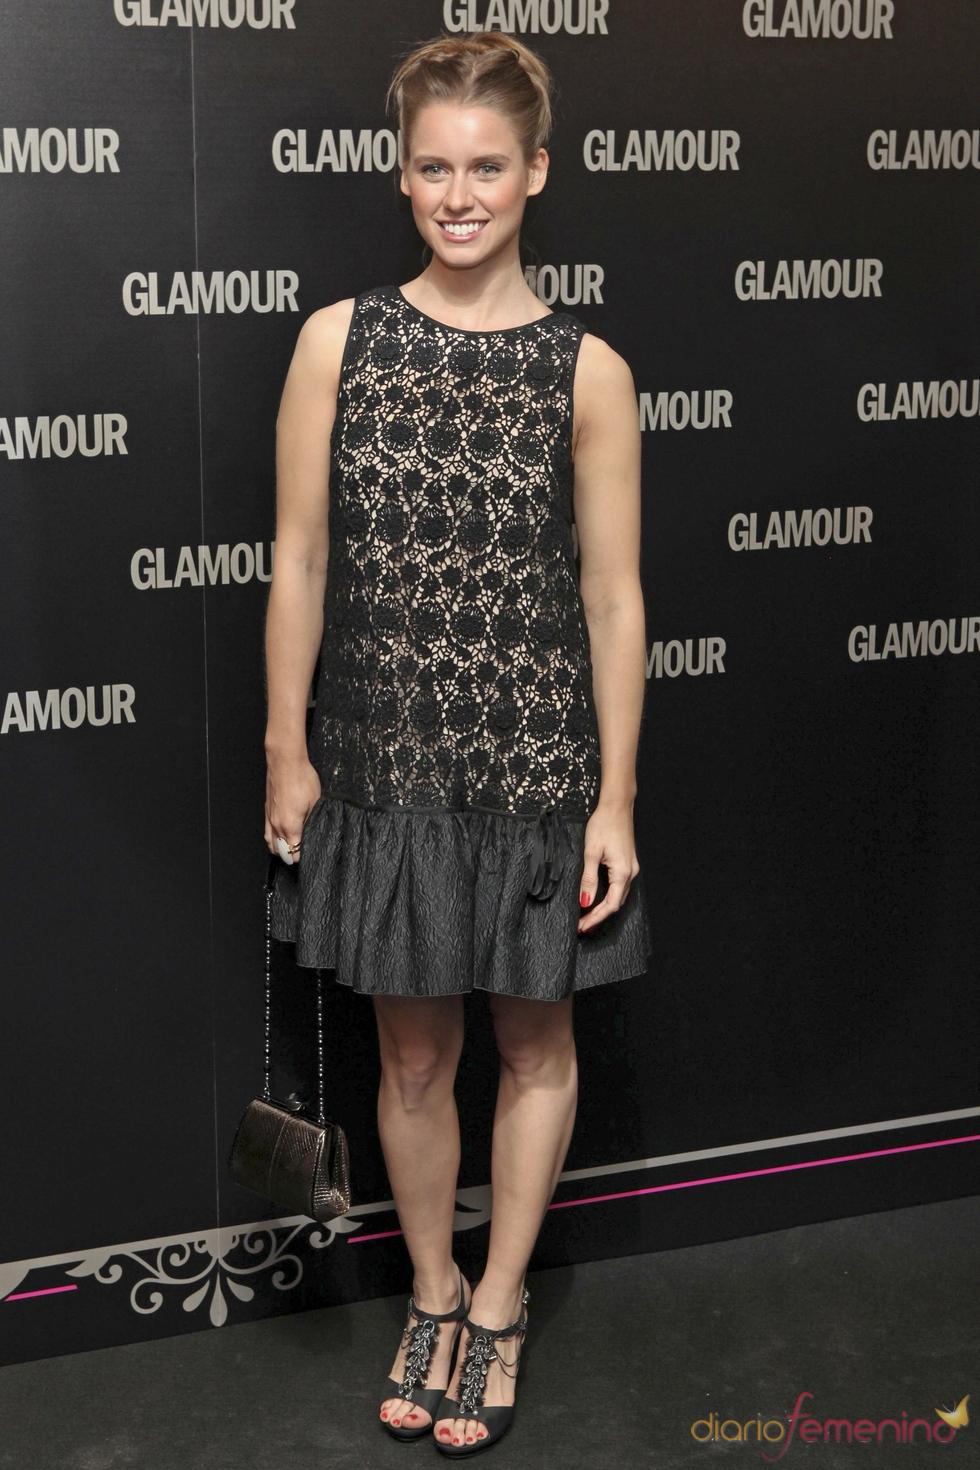 Manuela Velles en la 11 edición de los Premios Glamour y Belleza